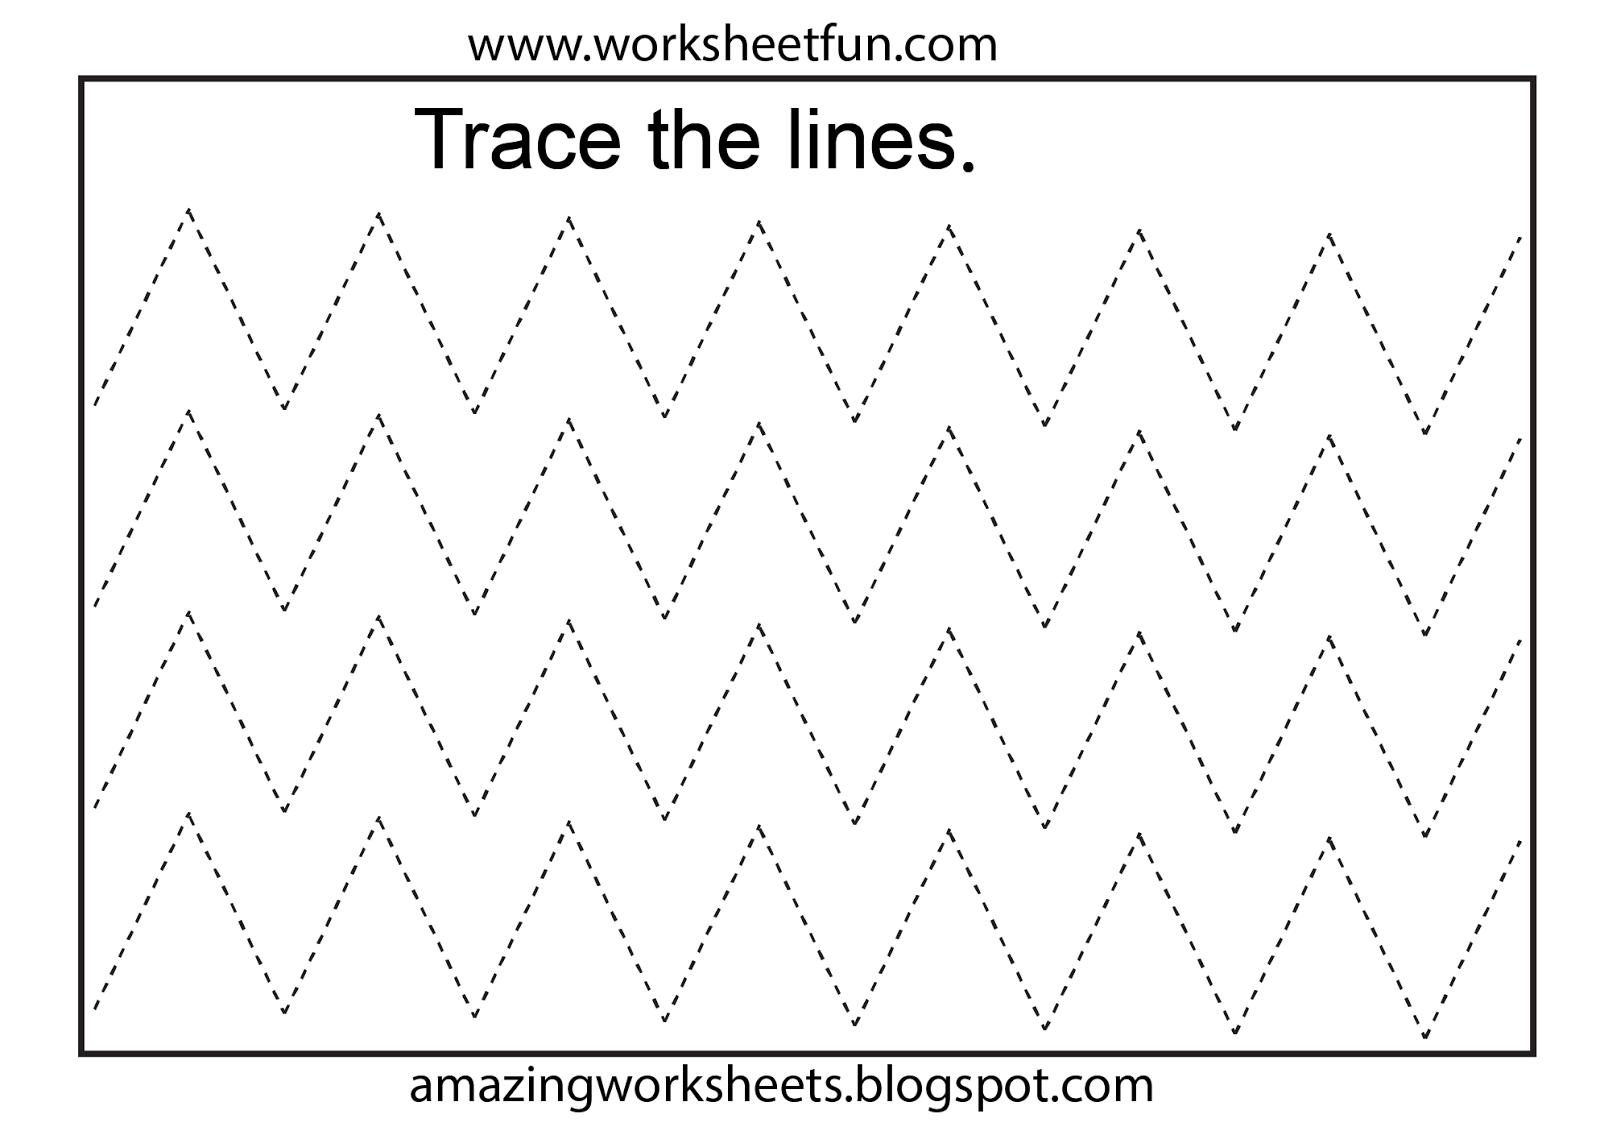 Free Printable Tracing Worksheets Preschool | Preschool Worksheets | Free Printable Tracing Worksheets